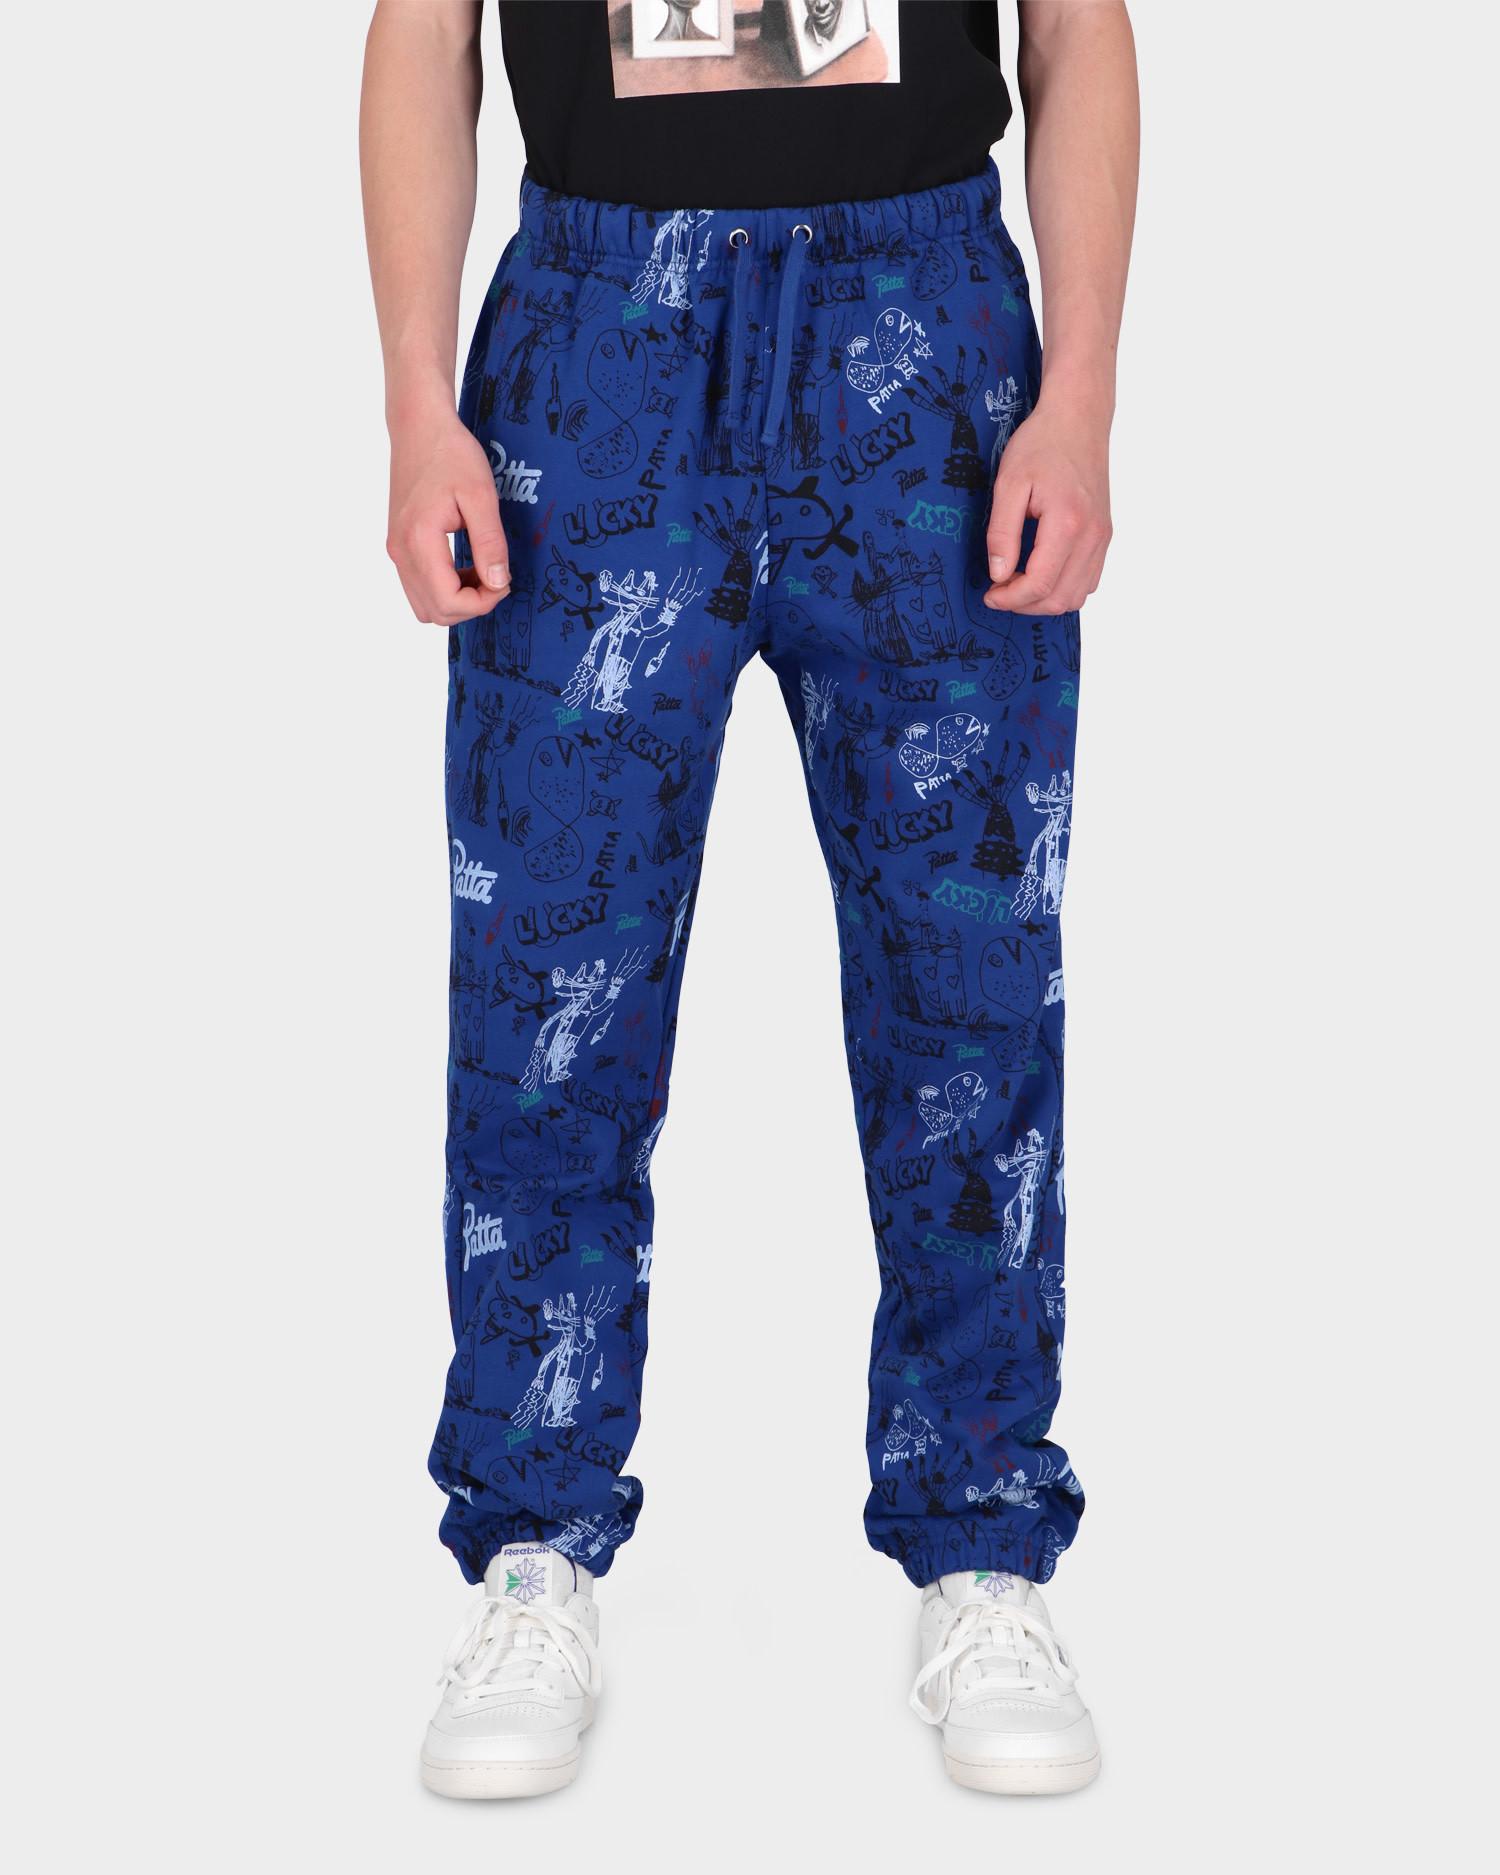 Patta Father & Son Jogging Pants Sodalite Blue/Multi